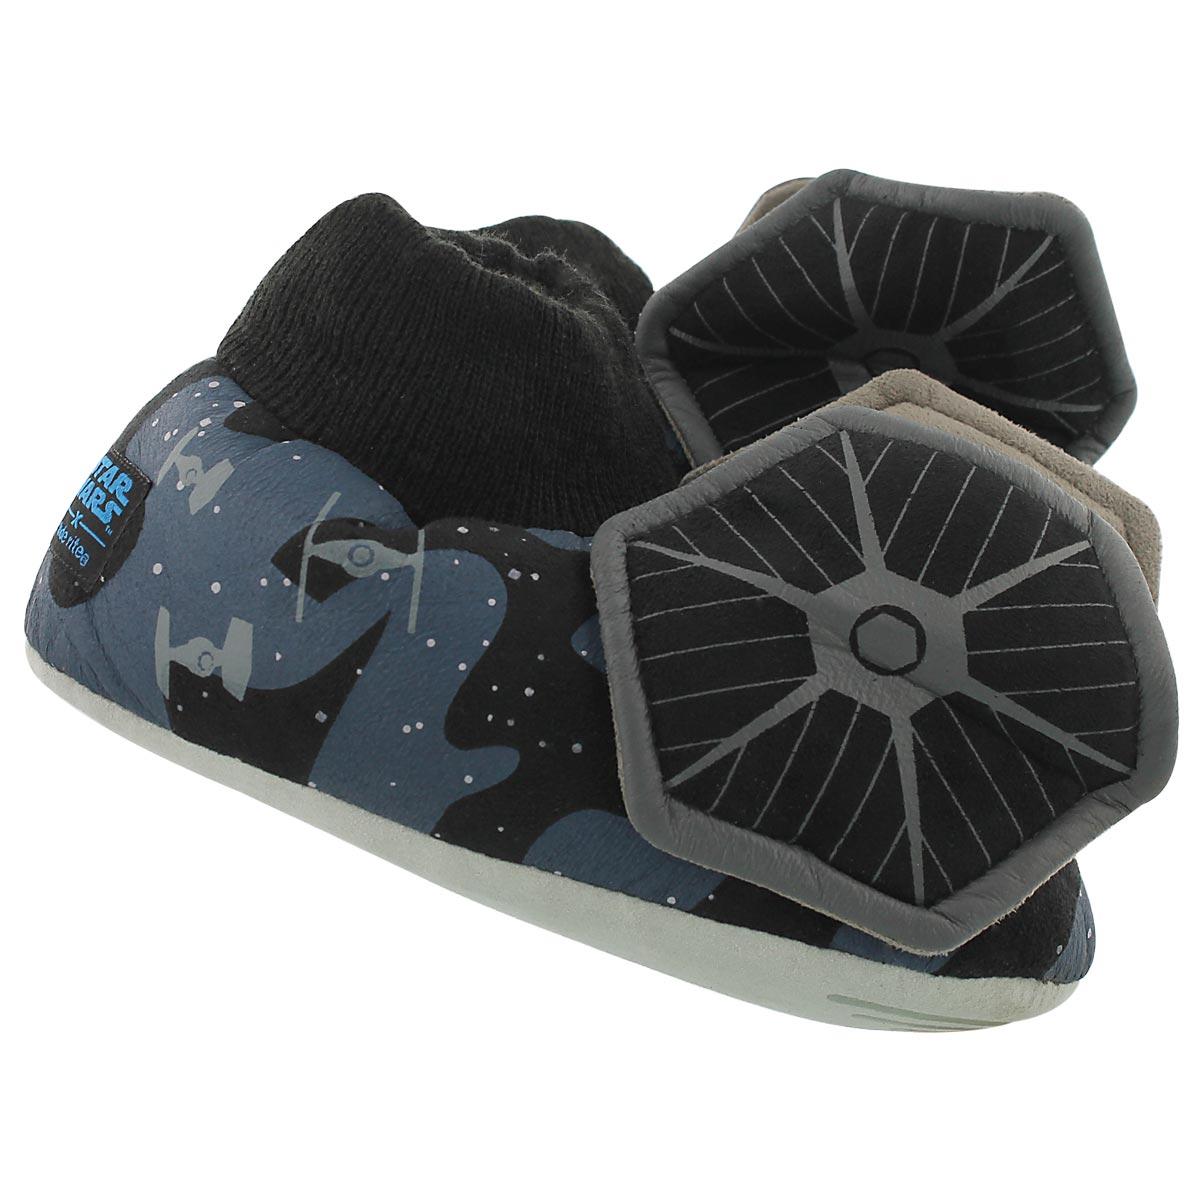 Inf Star Wars Tie Fighter blue slipper